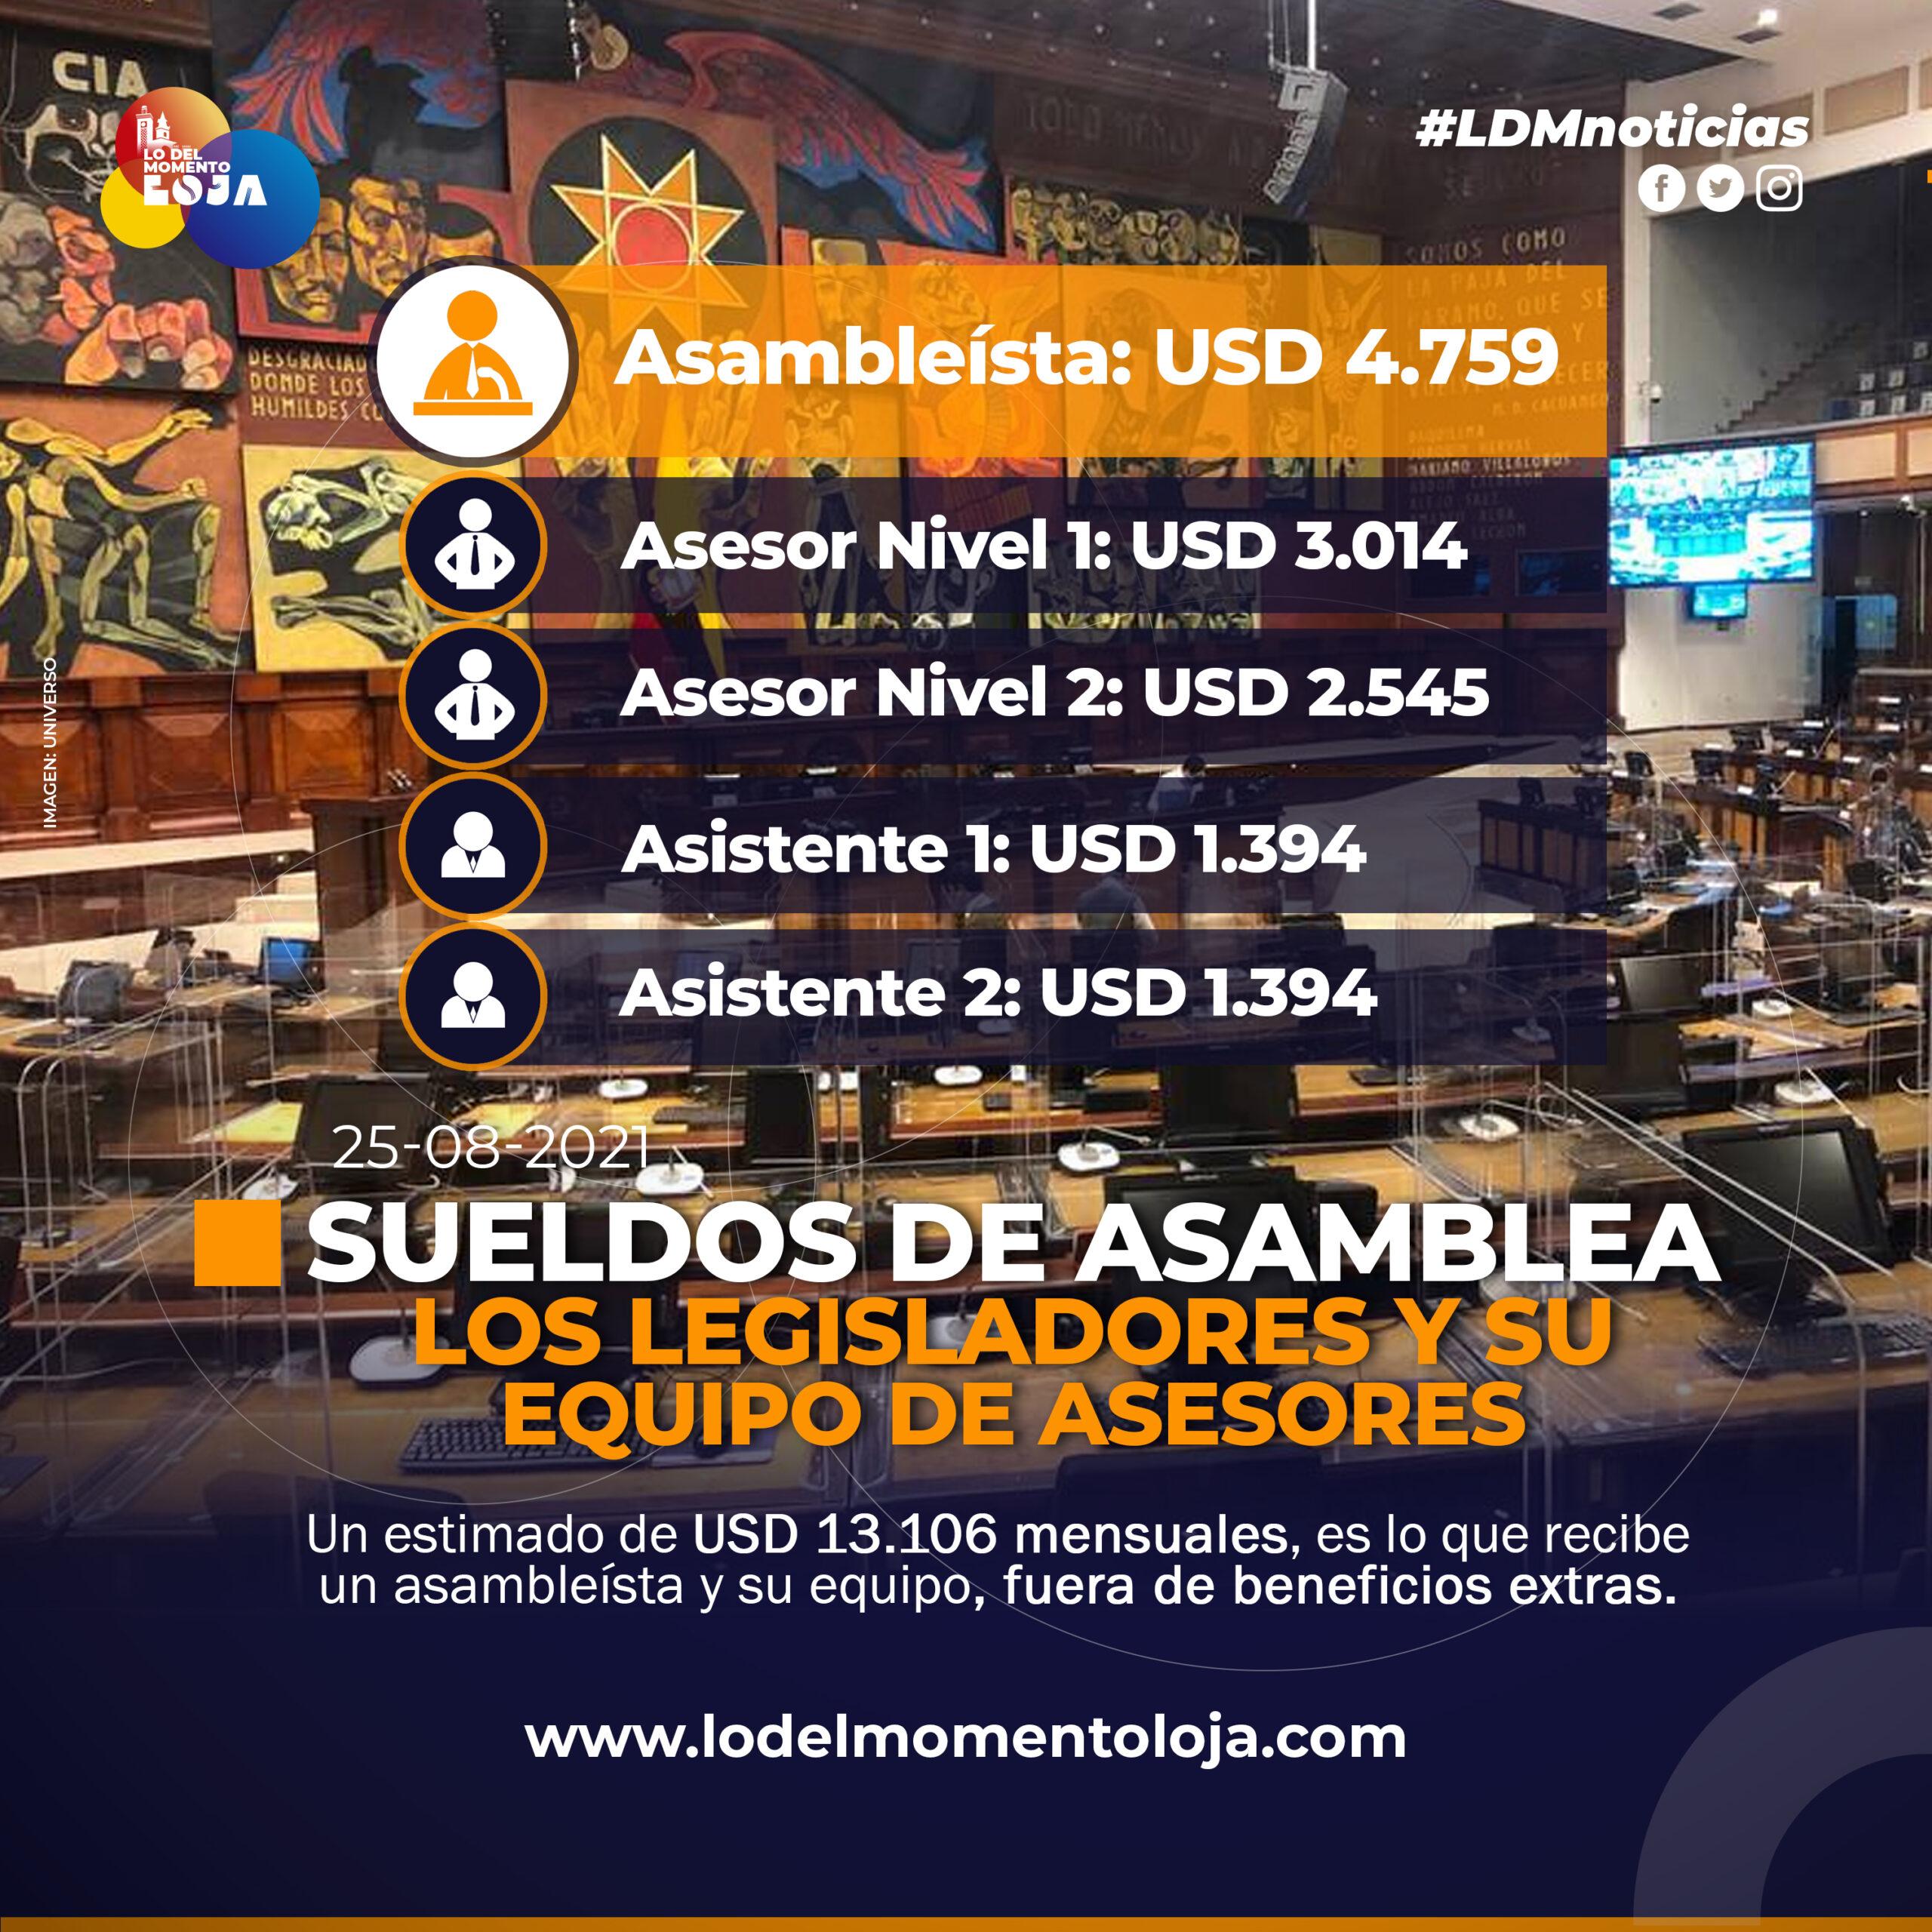 Sueldos de la Asamblea Nacional de Ecuador